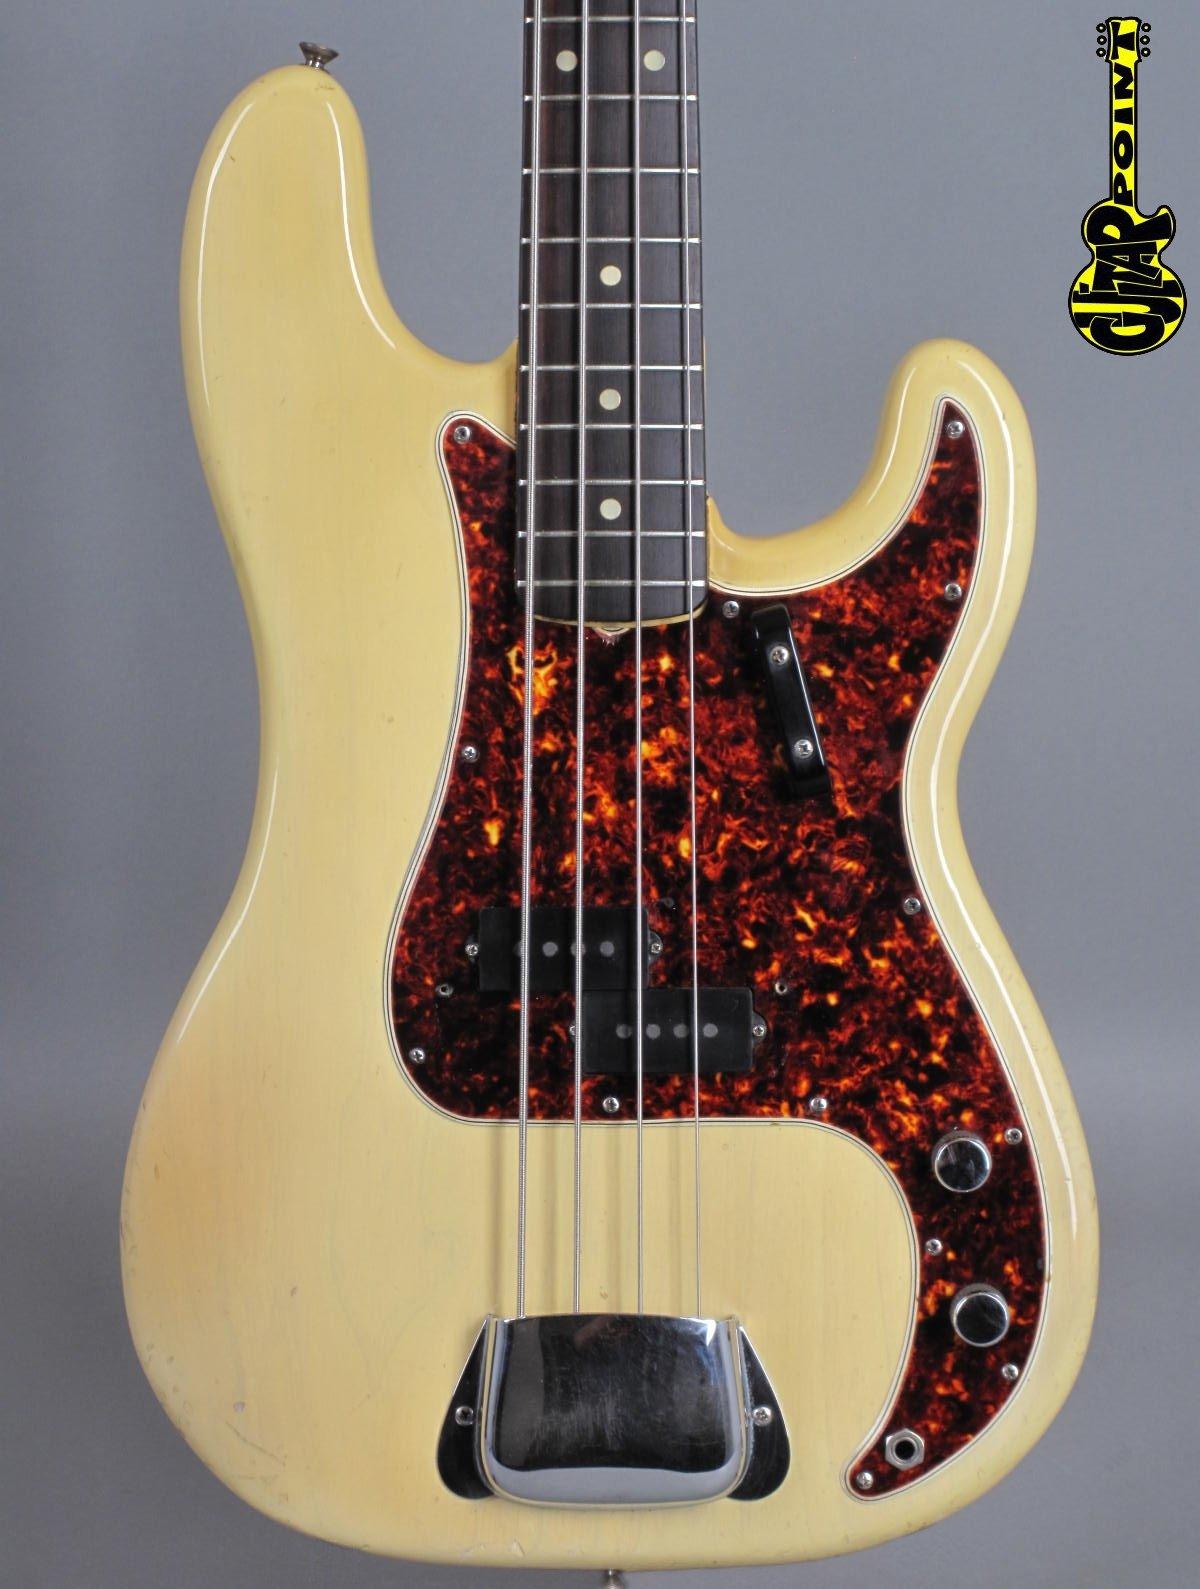 1965 Fender Precision Bass - Blond  ...care Custom Color!